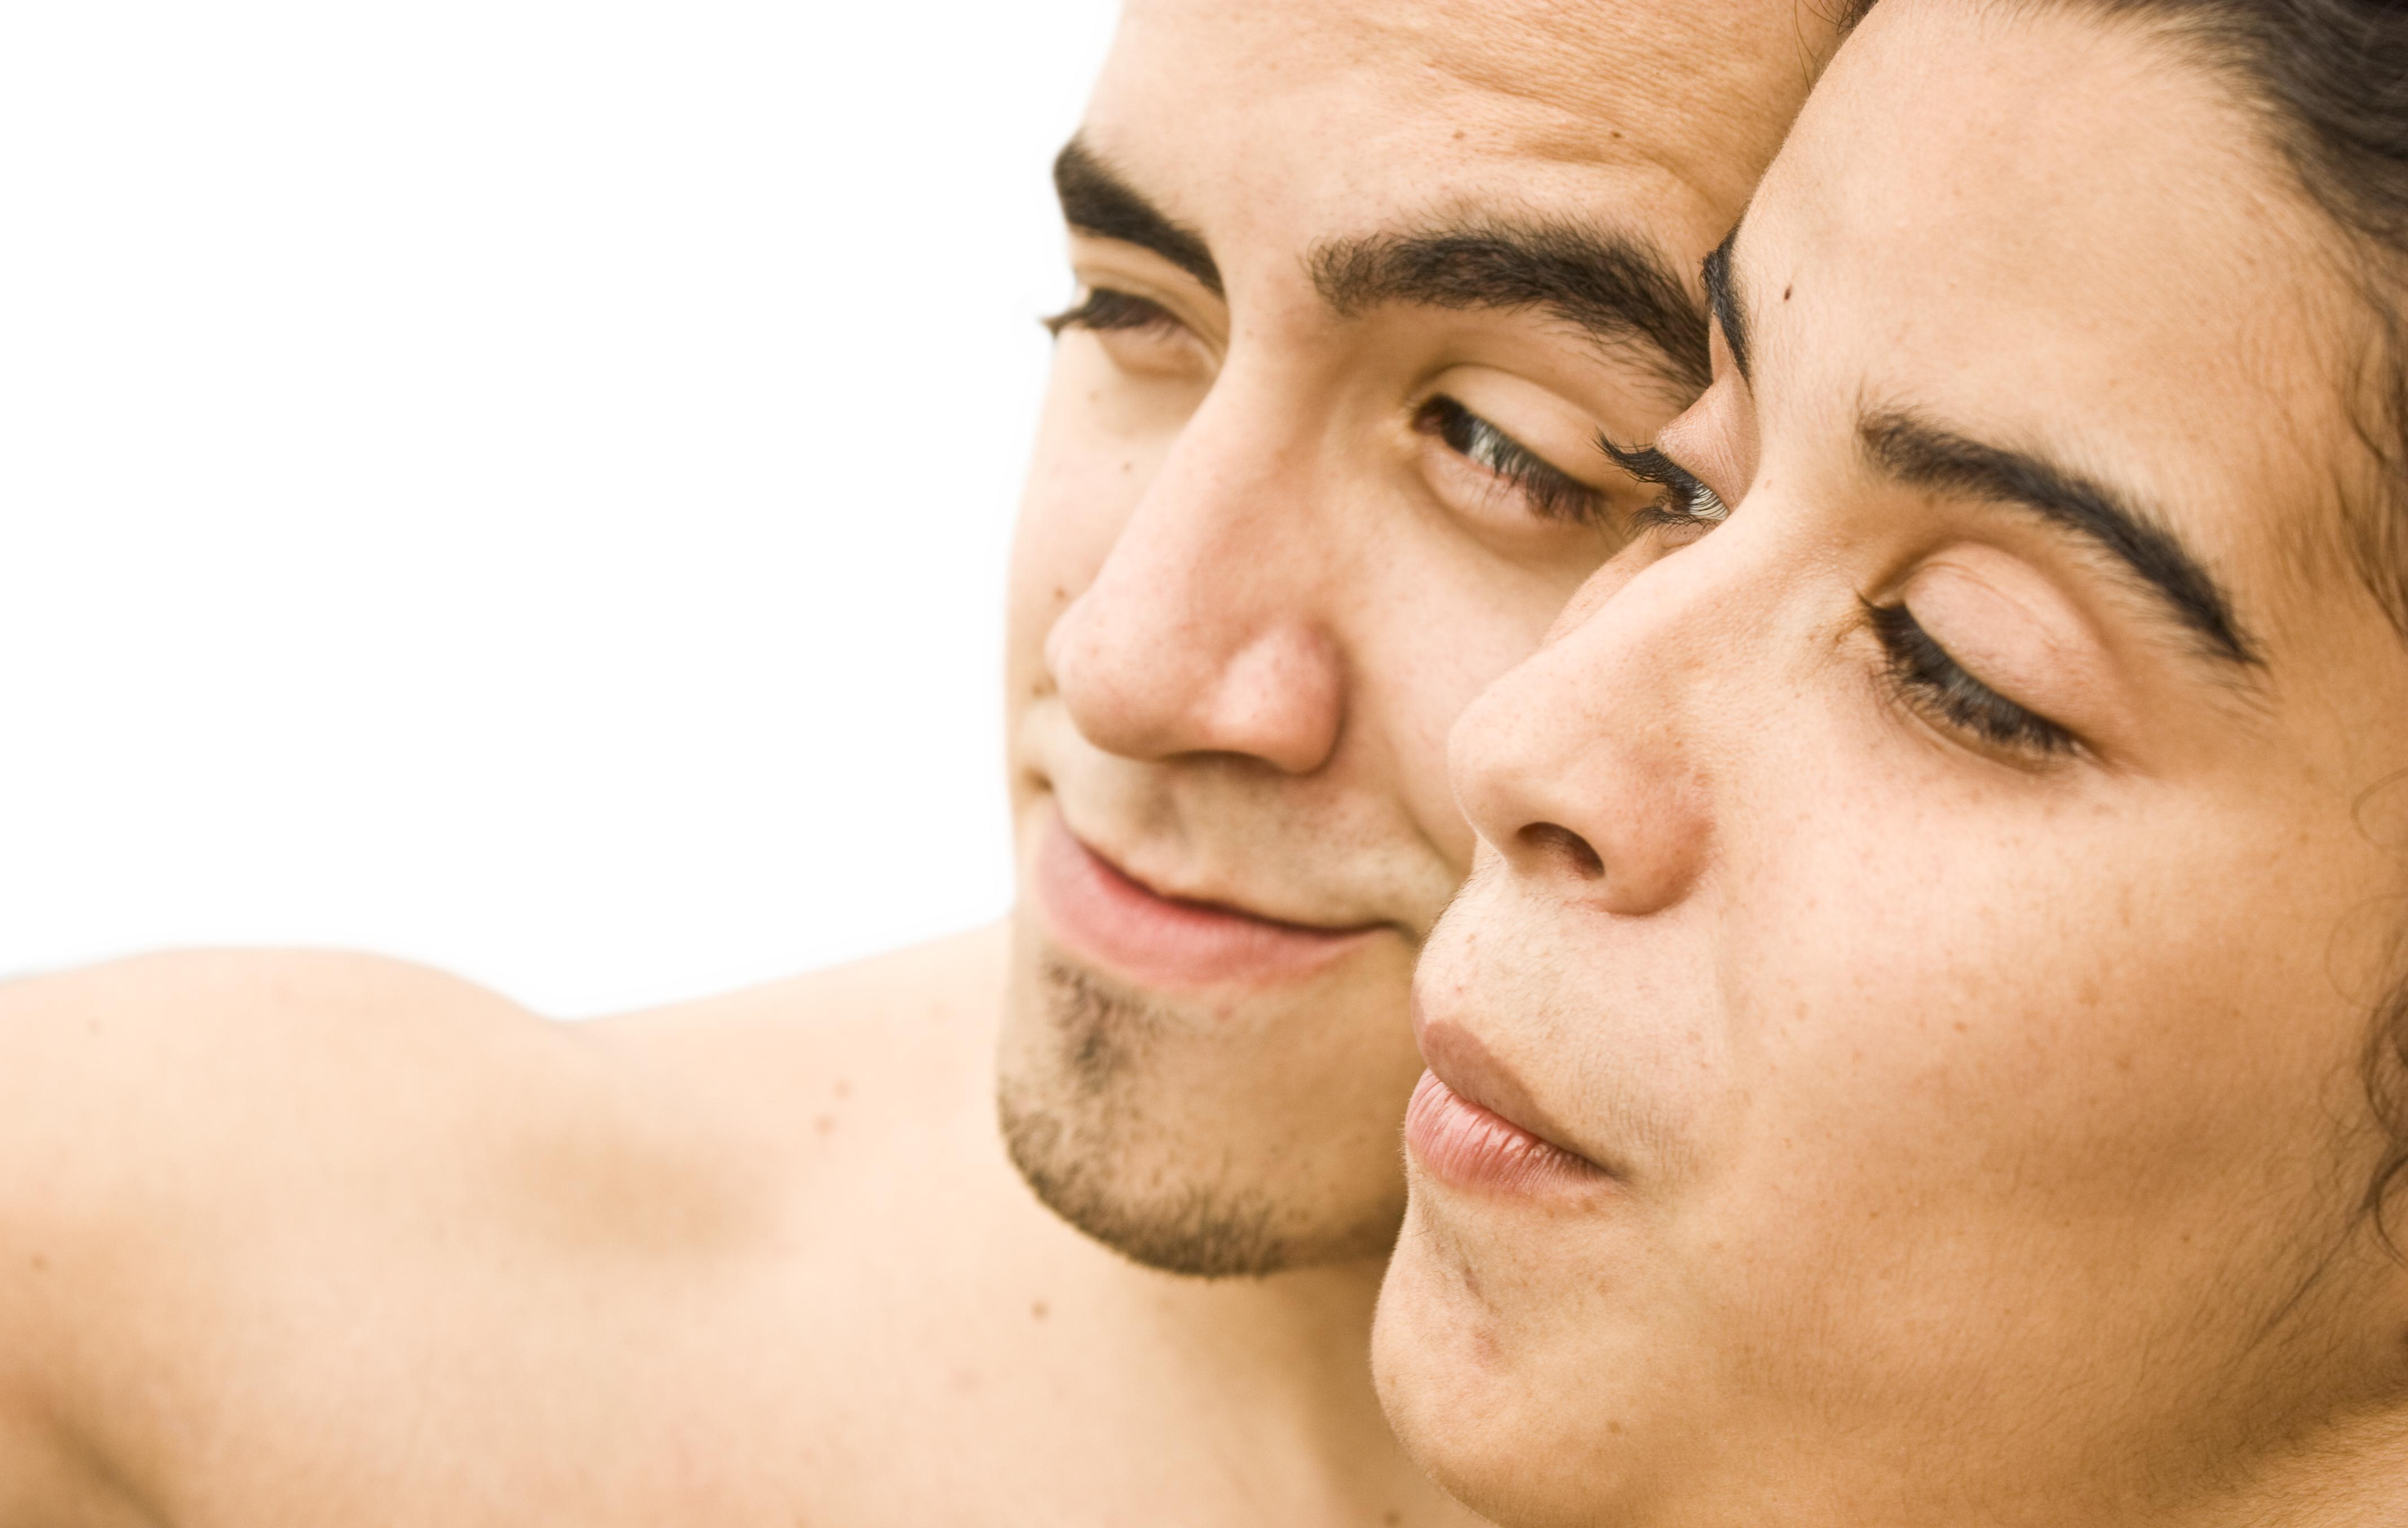 cauzele erecției slabe de 30 de ani